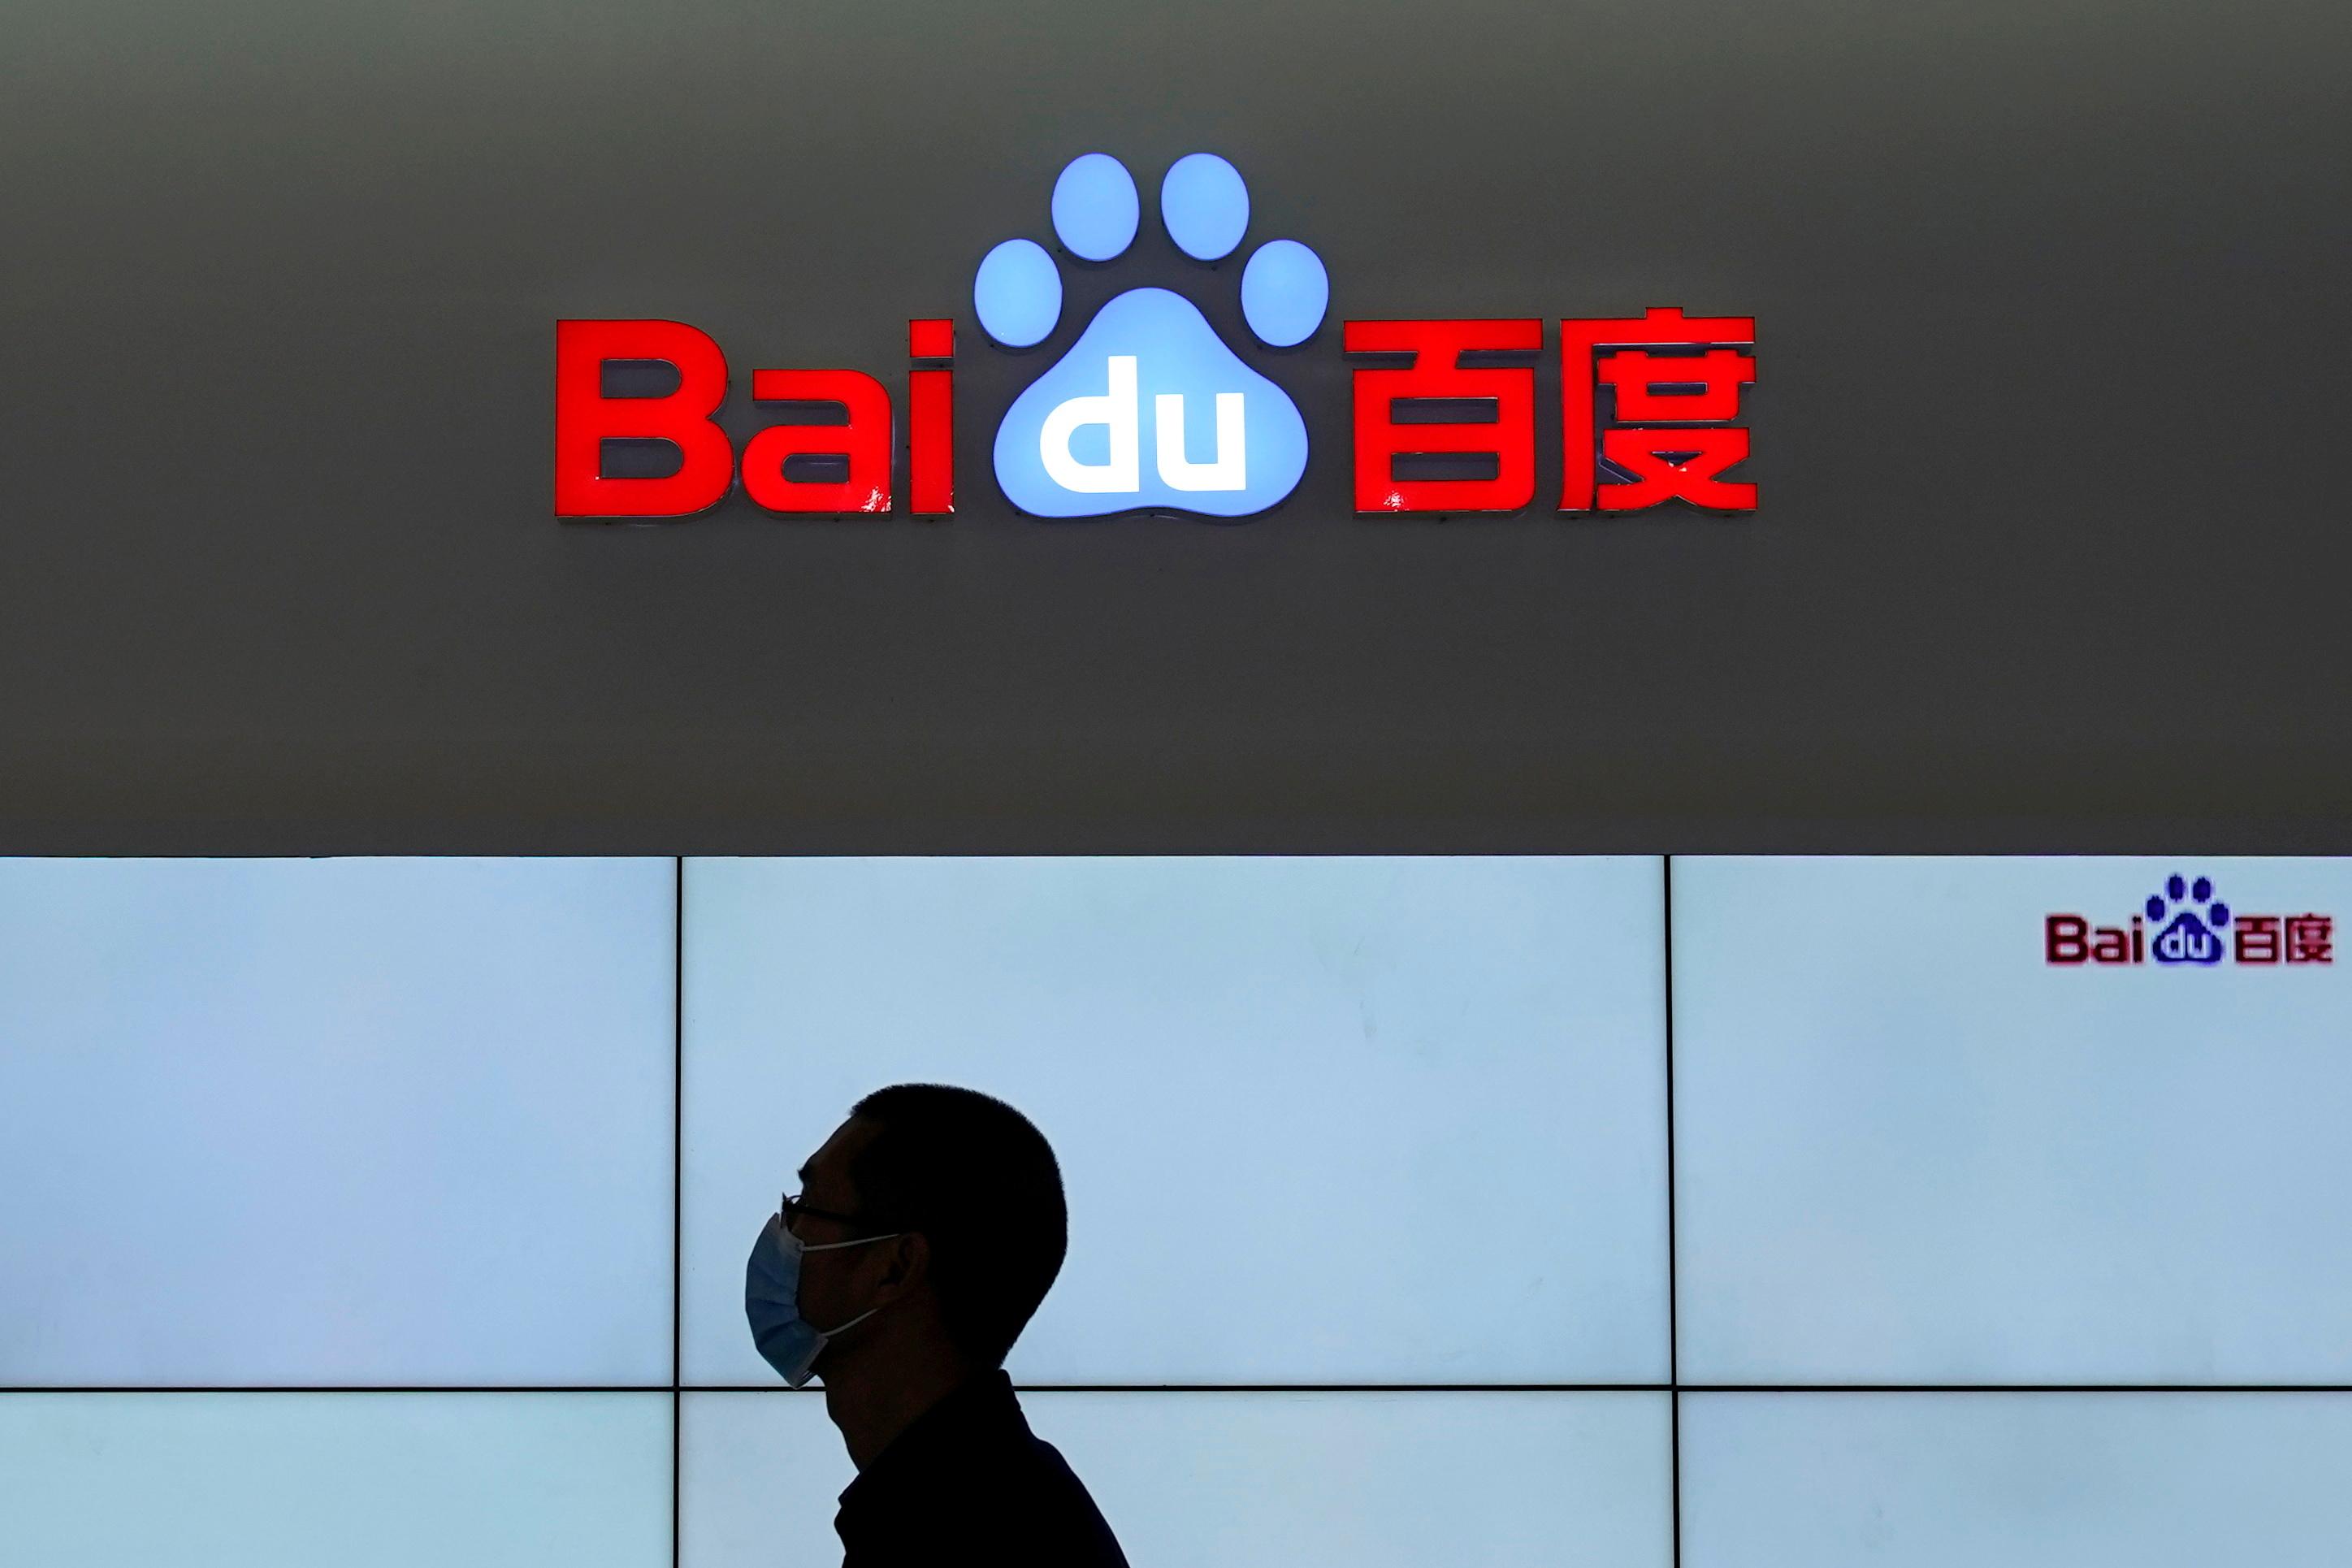 中國工信部要求互聯網平台解除屏蔽網址鏈接,包括百度。(路透社資料圖片)